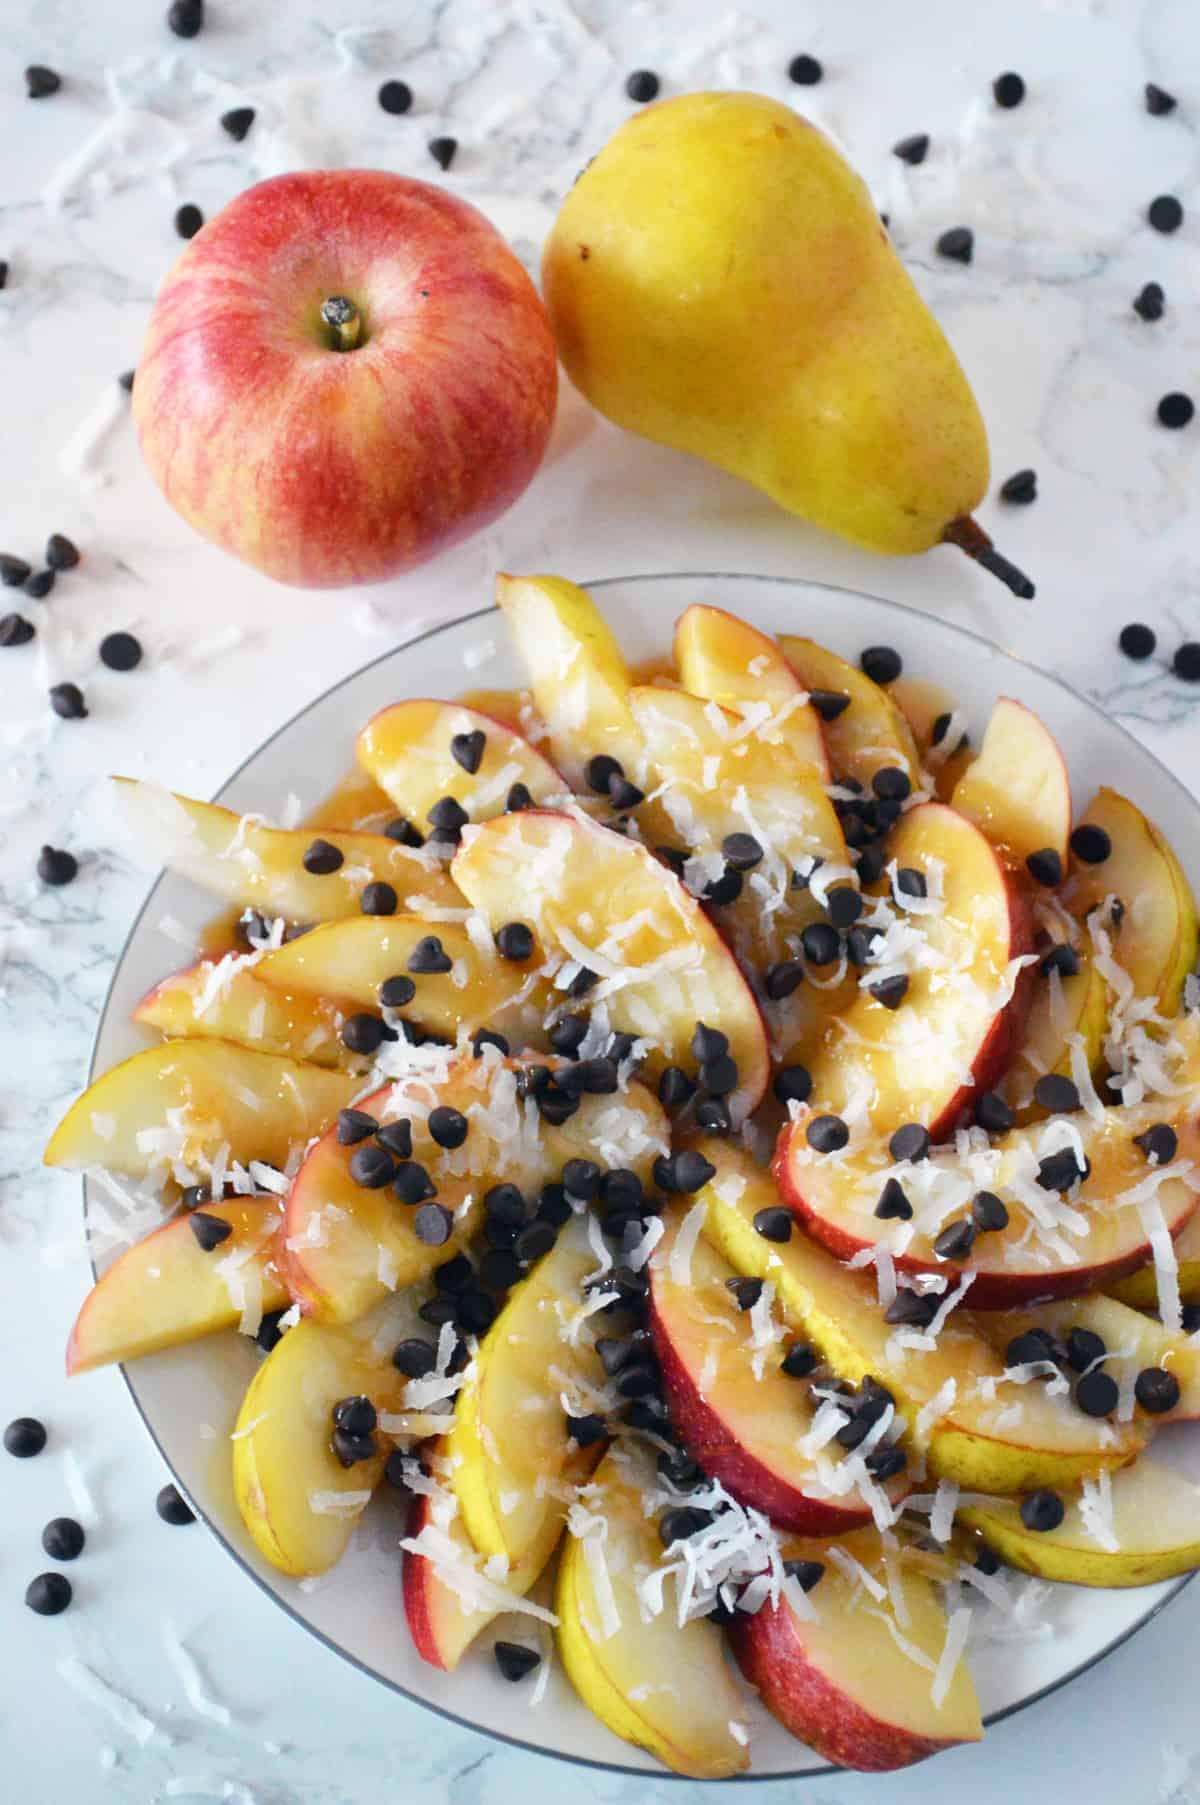 Best Pear and Apple Dessert Nachos